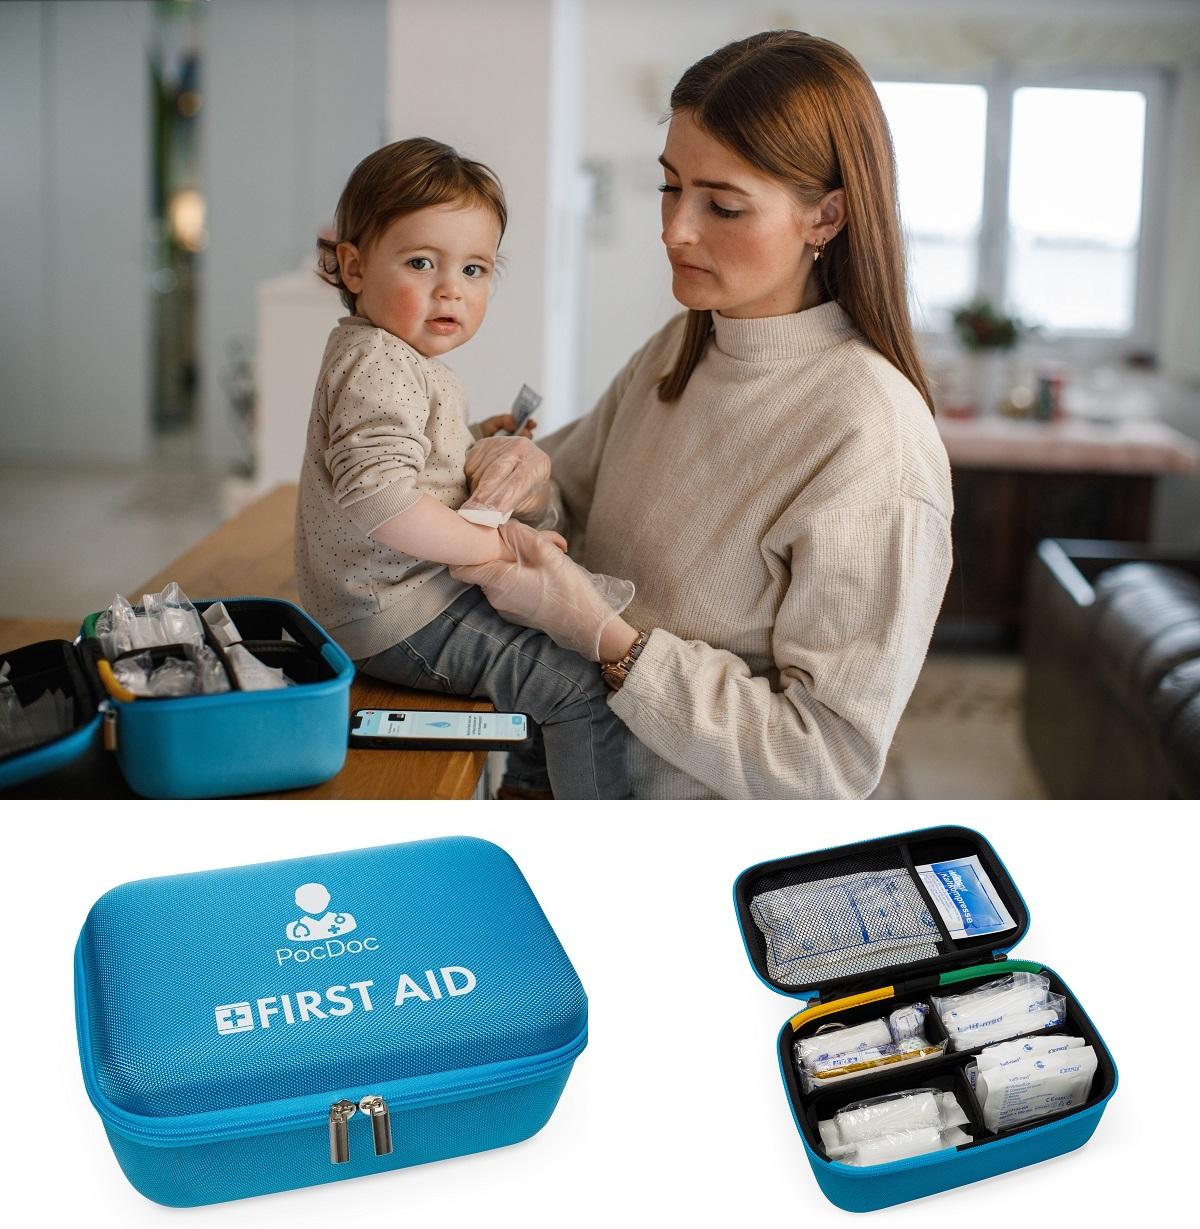 Kindern im medizinischen Notfall sicher helfen können dank PocDoc